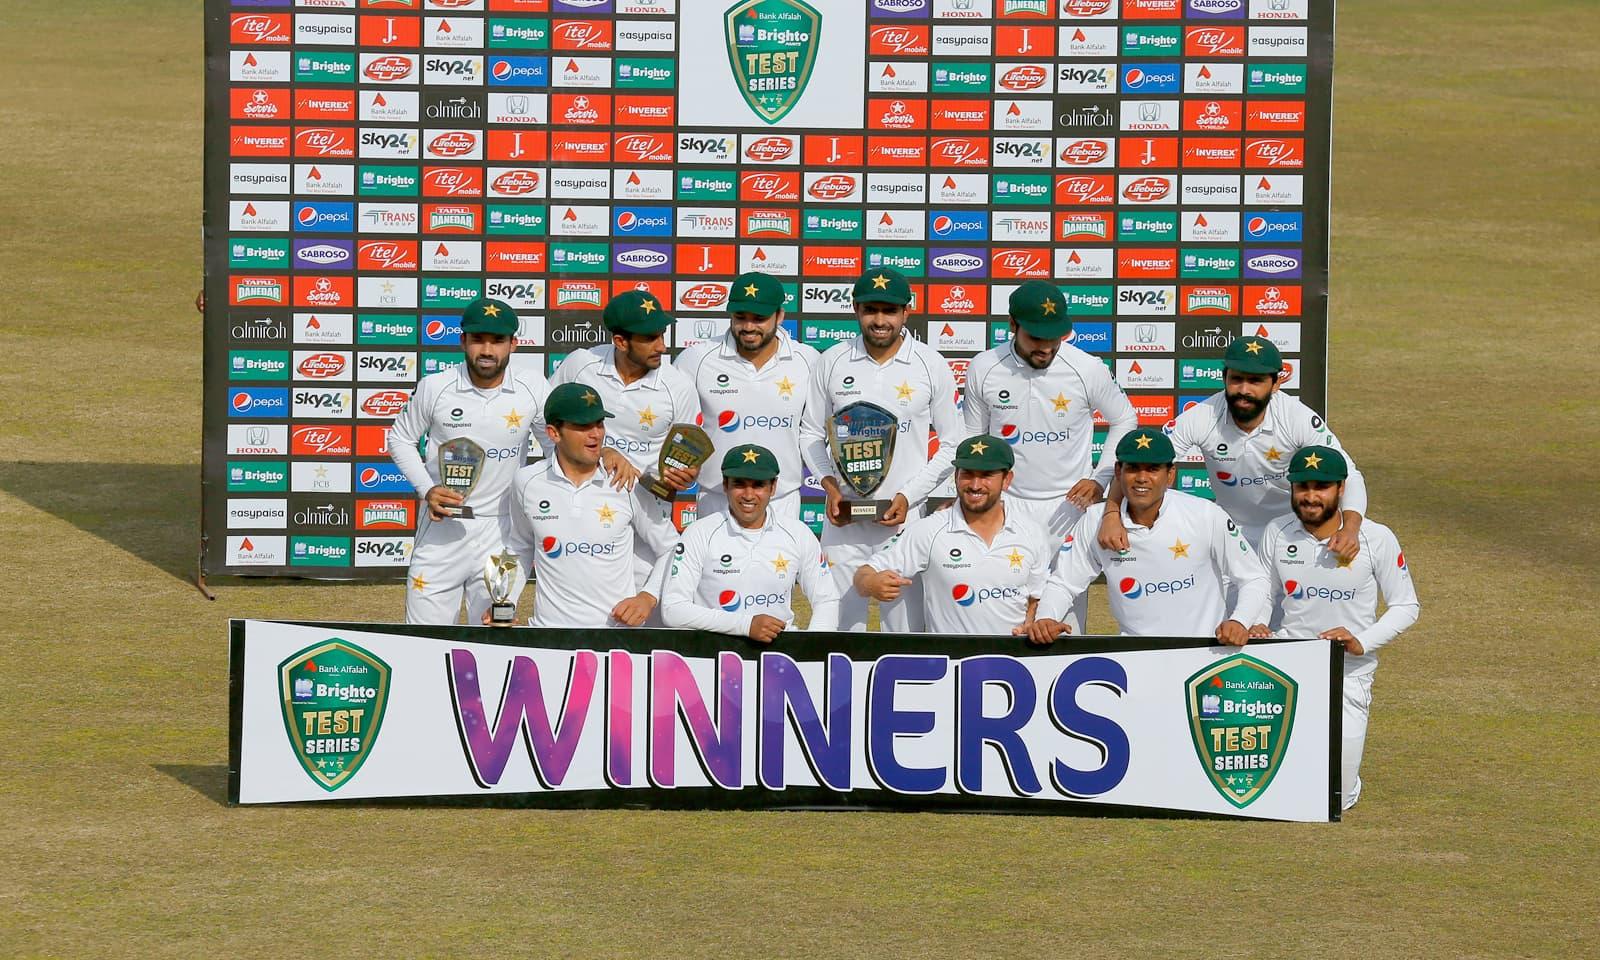 پاکستان کی ٹیم کا سیریز میں فتح کے بعد ٹرافی کے ہمراہ گروپ فوٹو— فوٹو: اے پی